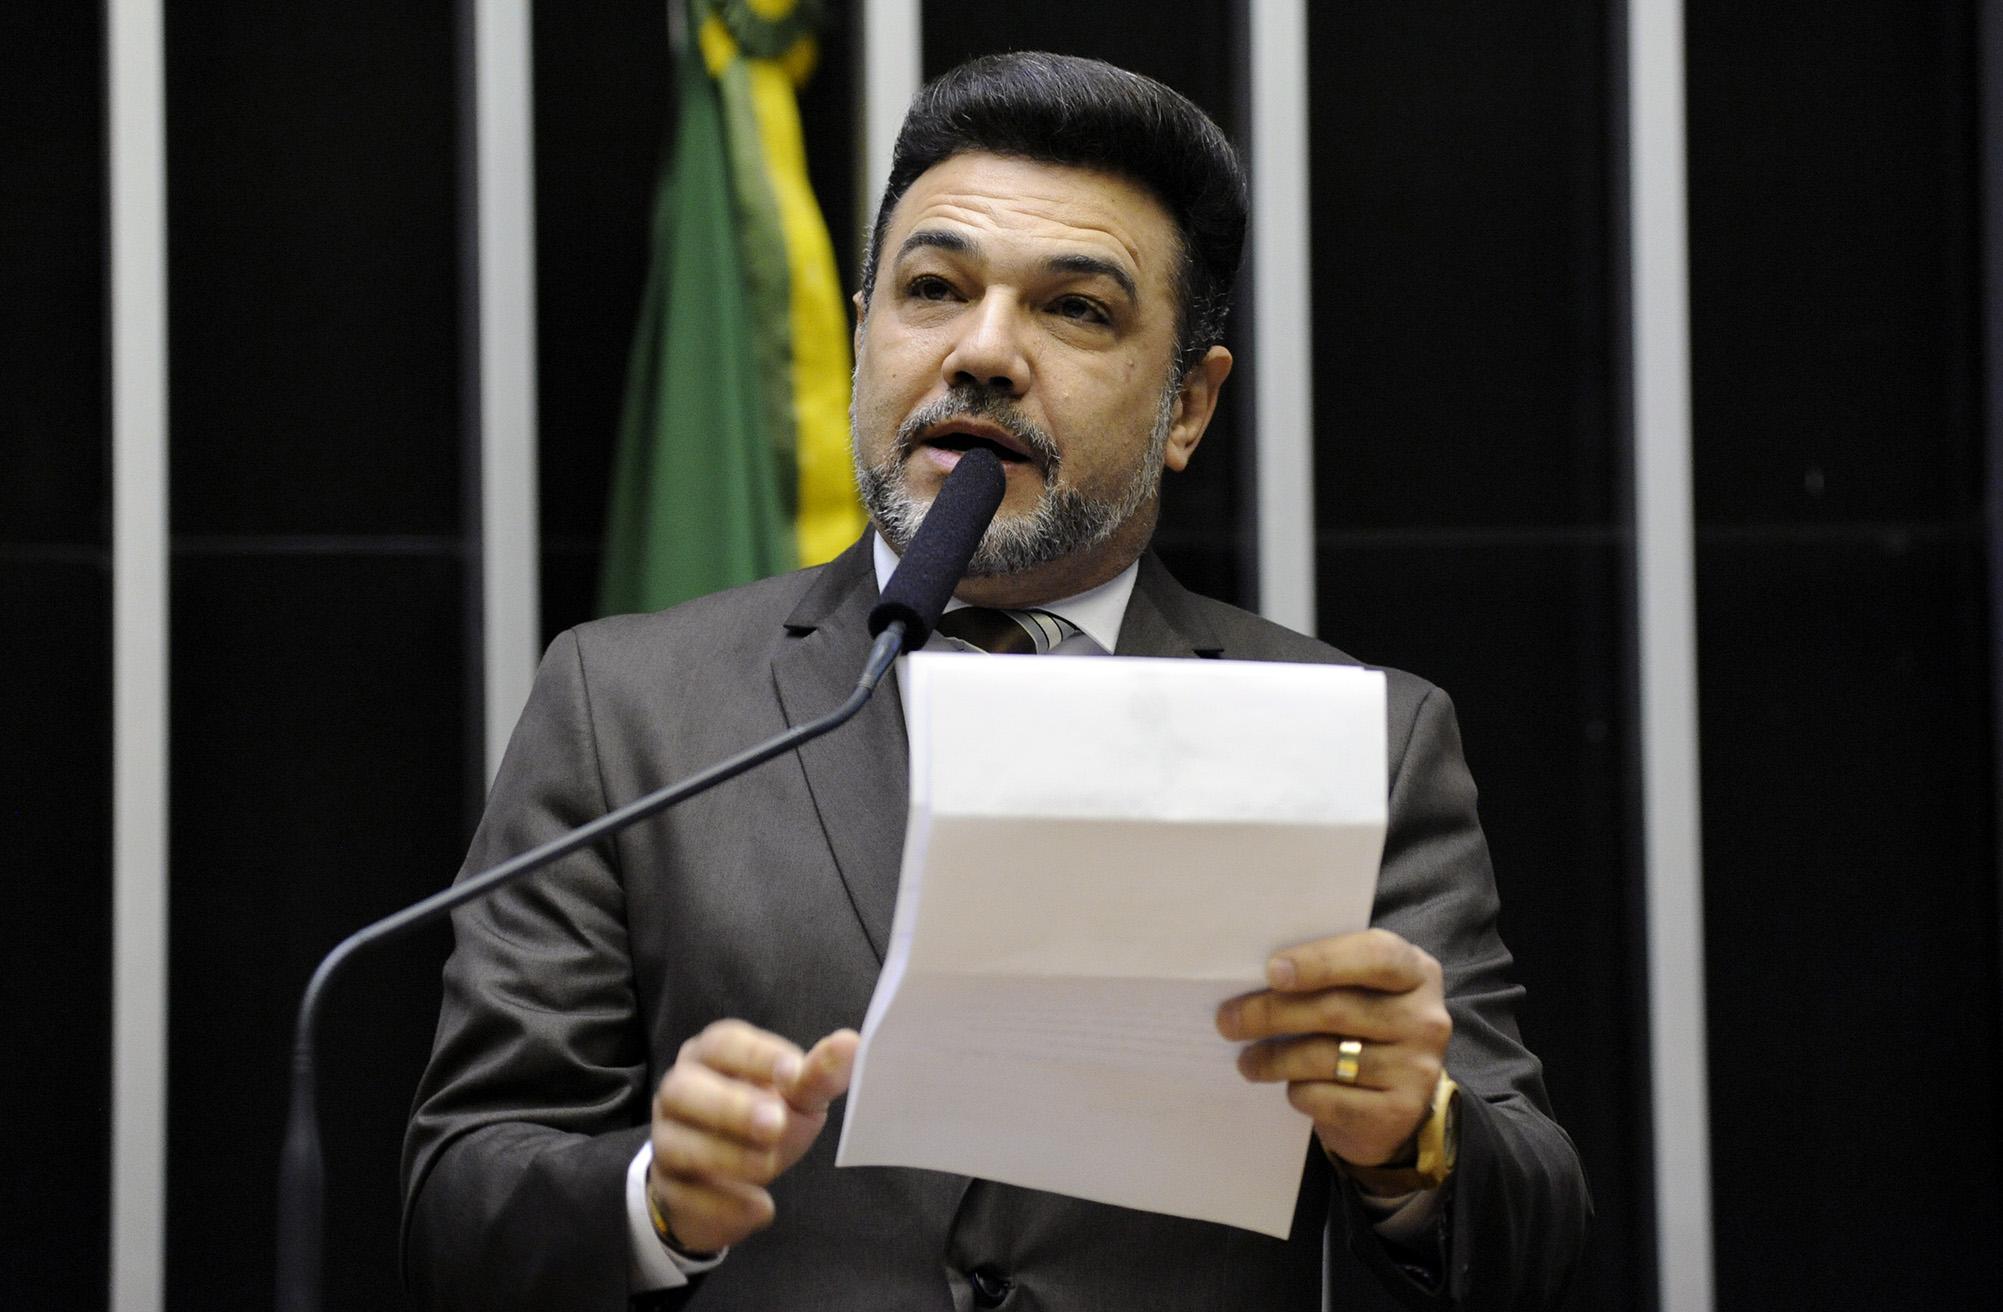 Destinada à deliberação dos vetos nºs 19, 20, 22, 25, 29, 31, 33, 35, 37, 38 e 39 de 2018 e dos Projetos de Lei do Congresso Nacional nºs 23, 26, 27, 37, 46, 49 e 50 de 2018. Dep. Pastor Marco Feliciano (PODE - SP)